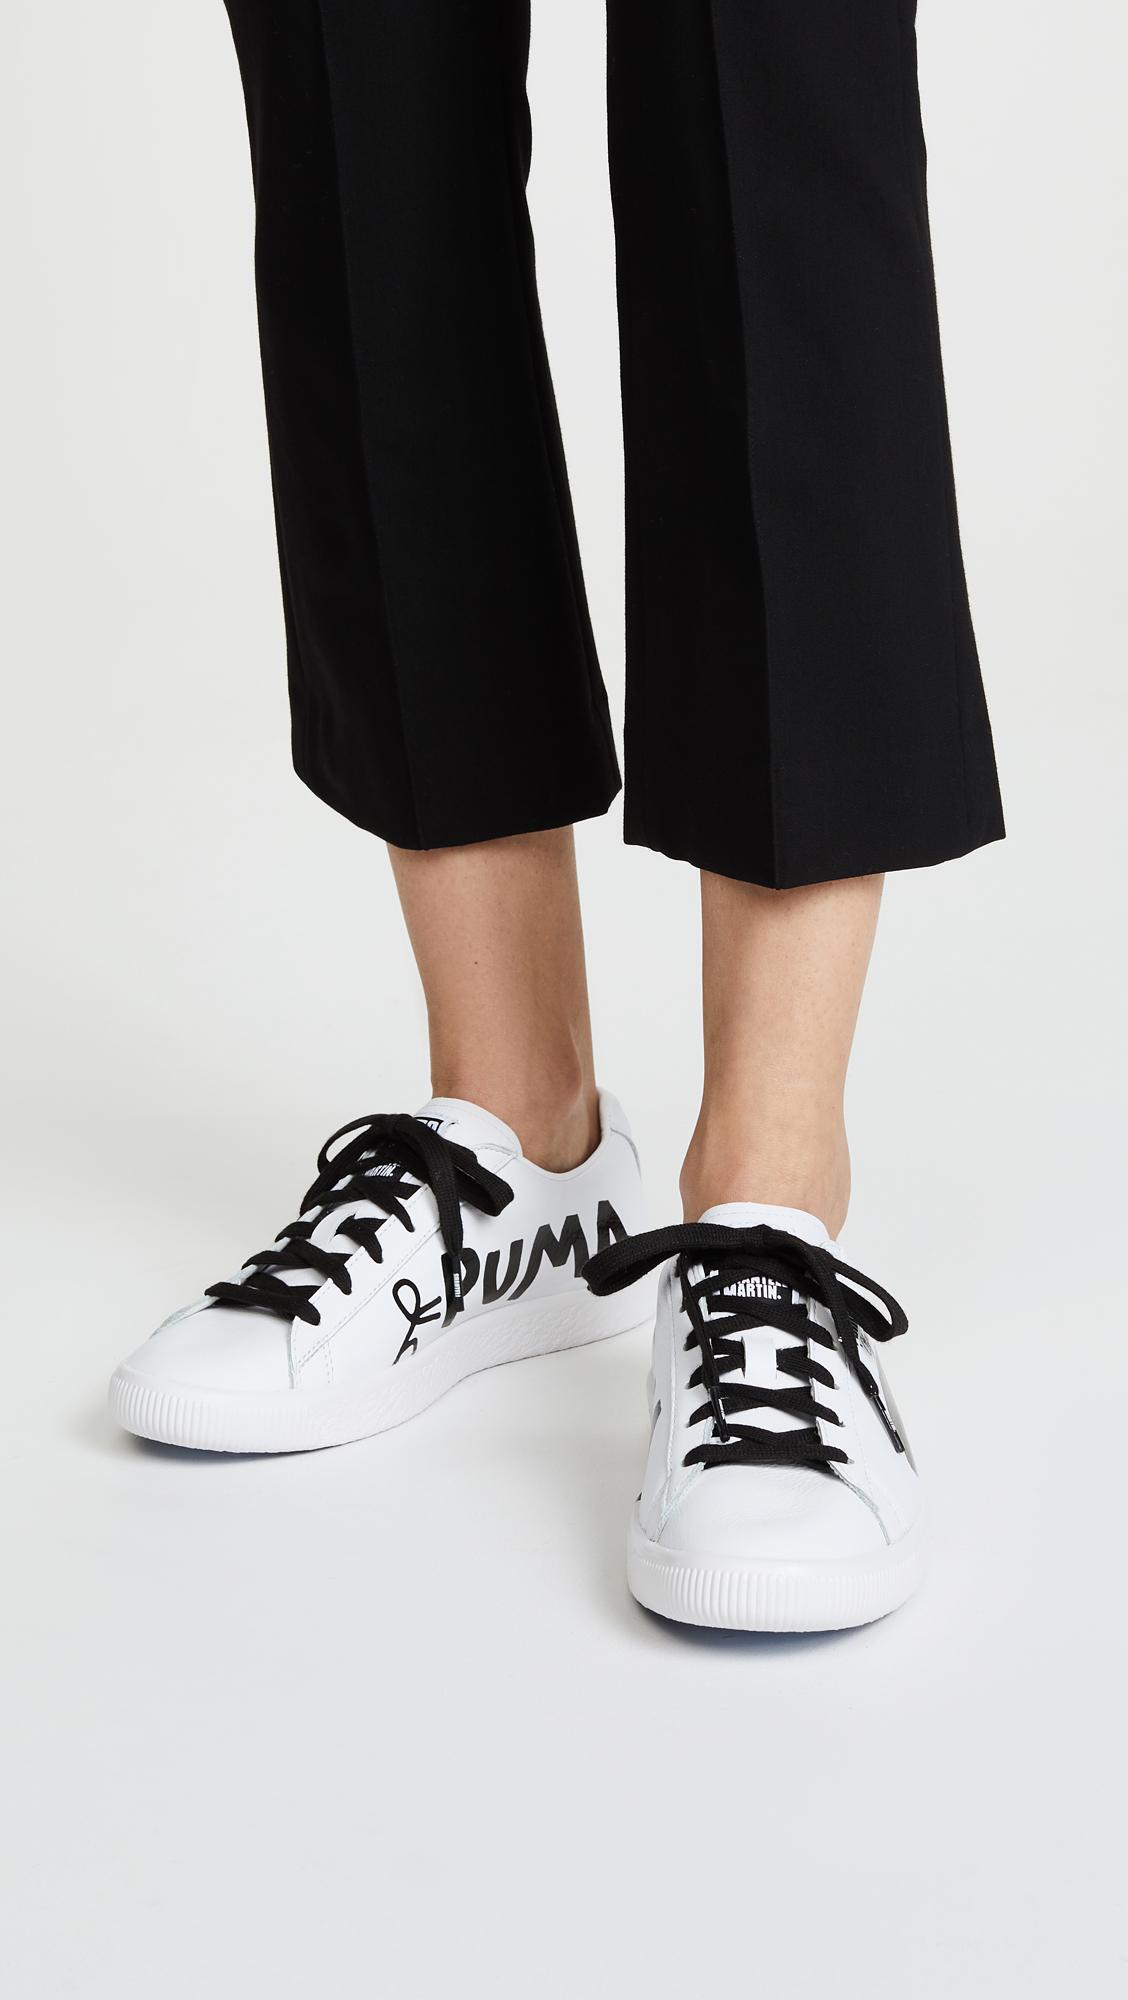 Обувь, как способ самовыражения: почему кроссовки стали новой формой искусства?